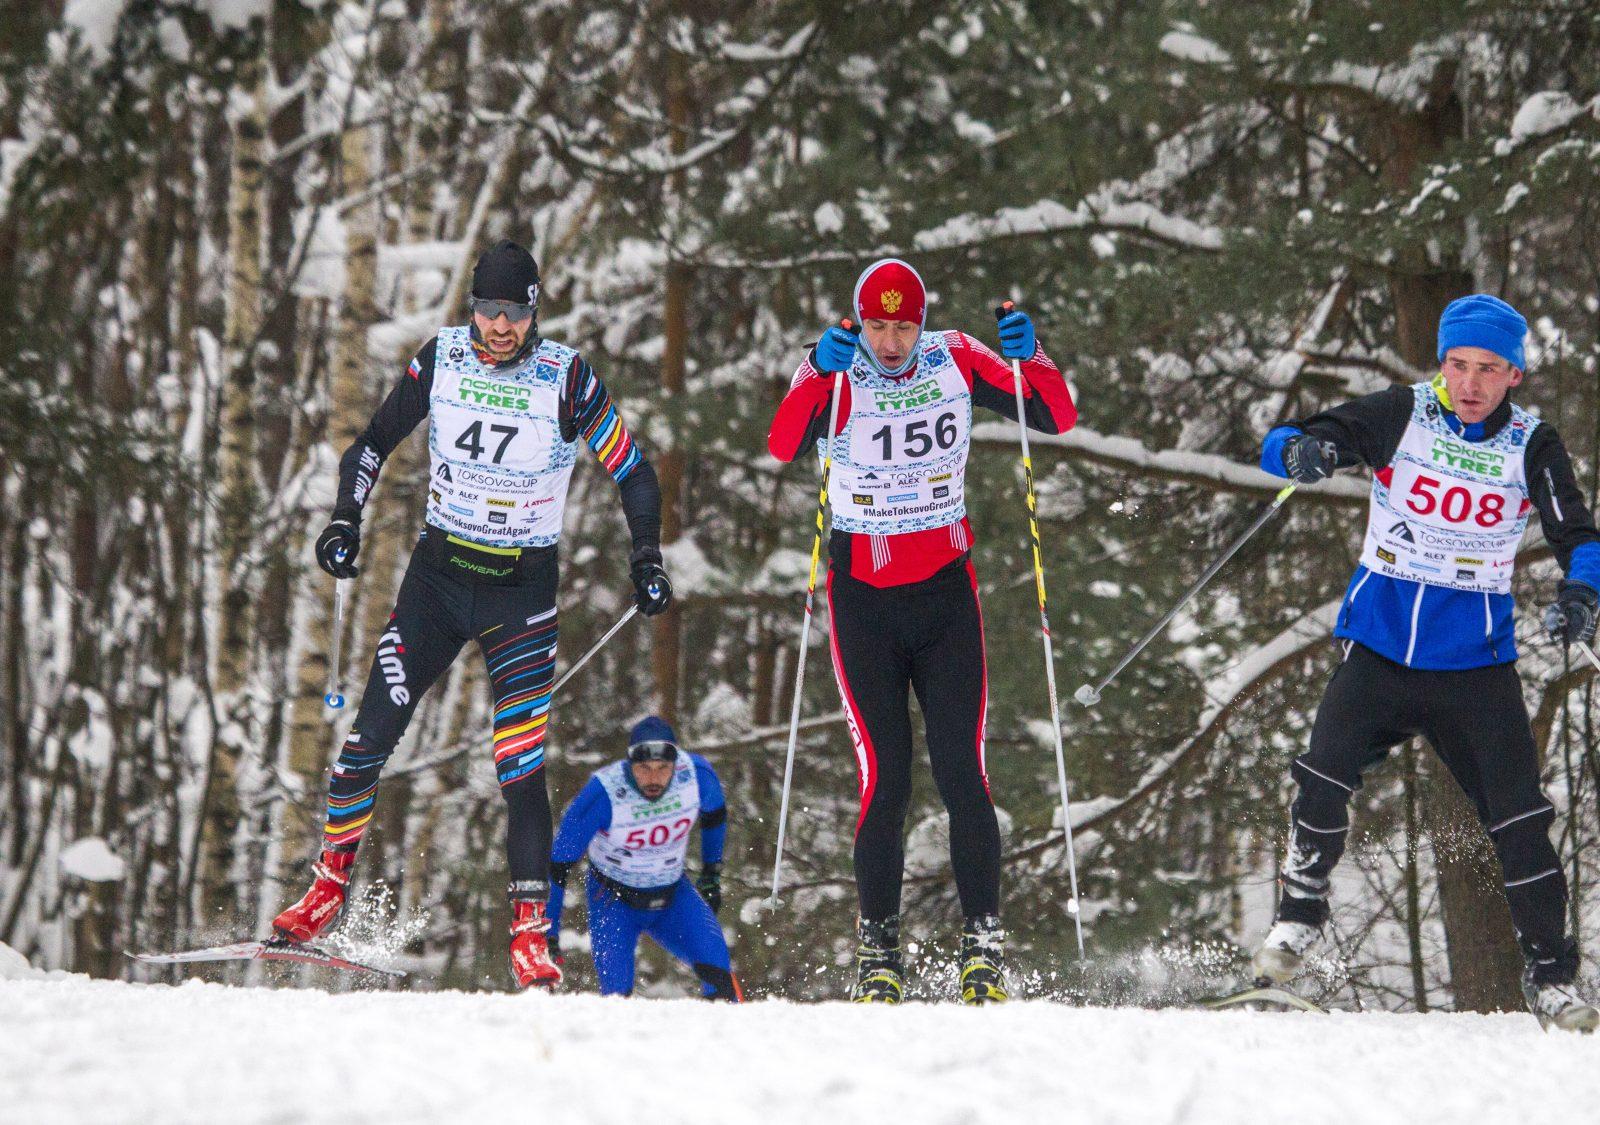 лыжный спорт токсовский марафон Дмитрий Ялов вице-губернатор Ленобласти